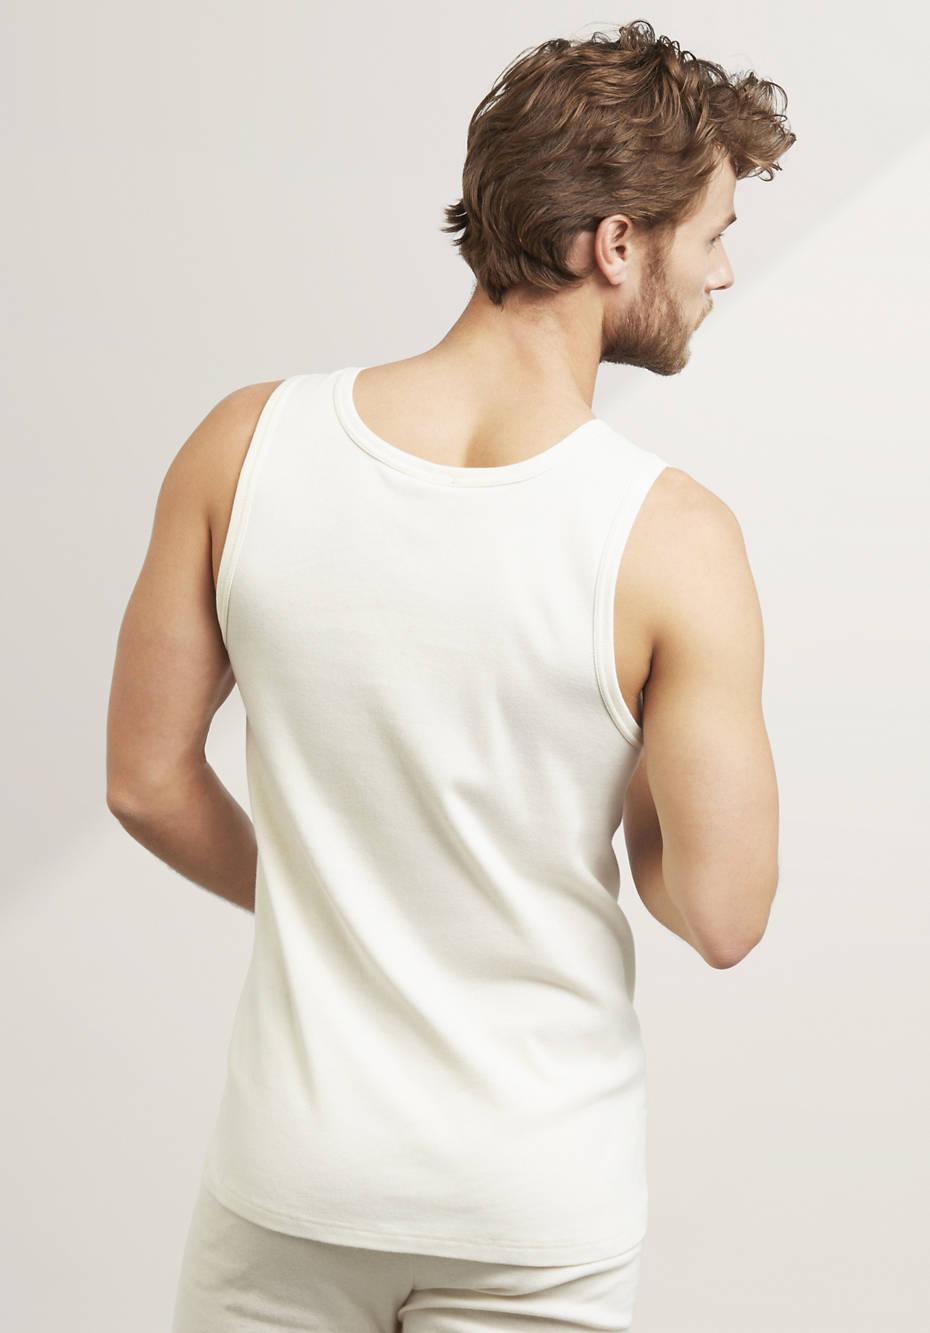 Herren Achselshirt PureNATURE aus reiner Bio-Baumwolle